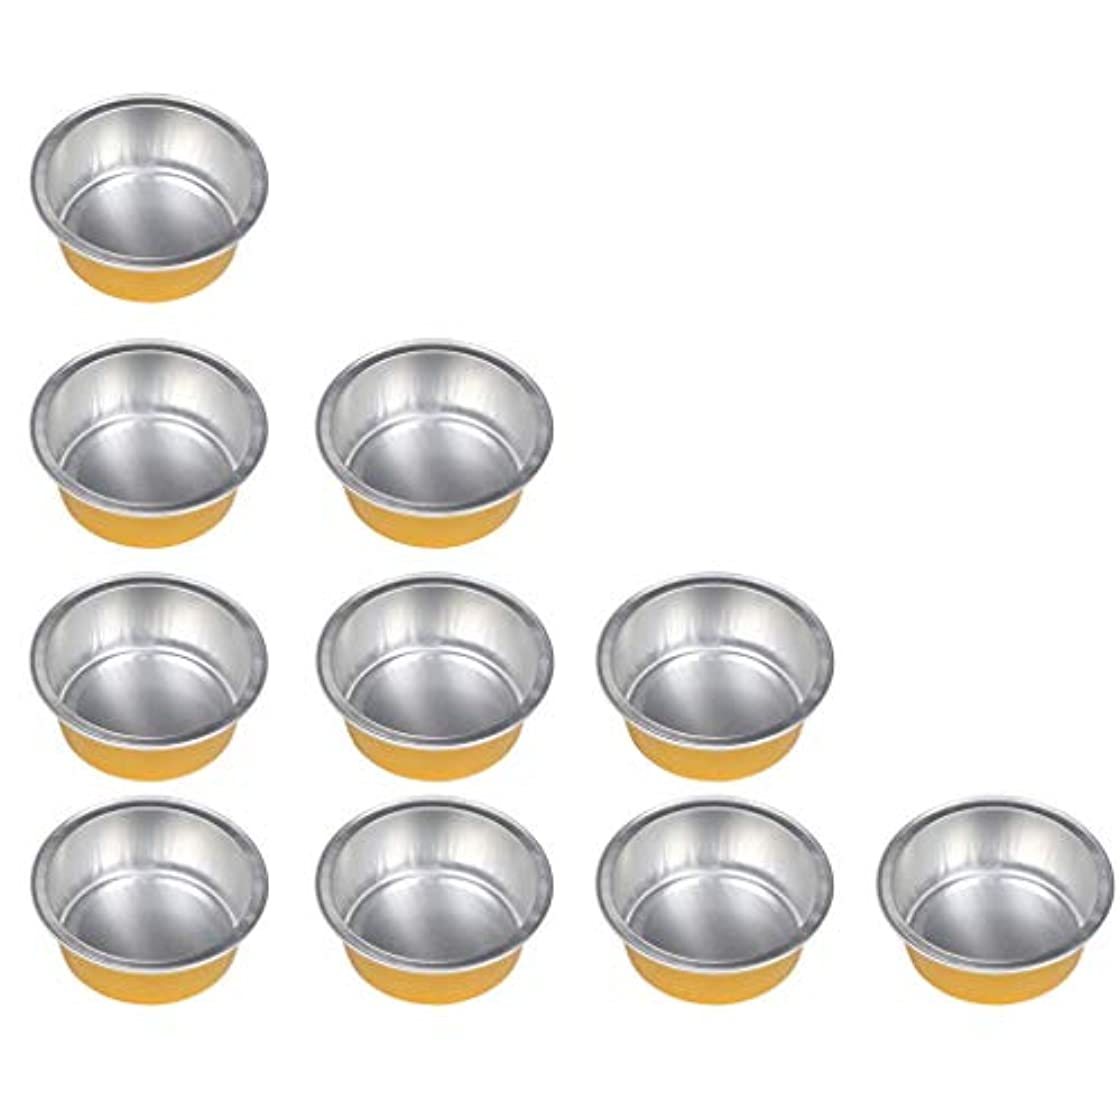 遡る回転妻Hellery 10個セット ワックスボウル ミニボウル アルミホイルボウル ワックス豆体 溶融 衛生的 2種選ぶ - ゴールデン1